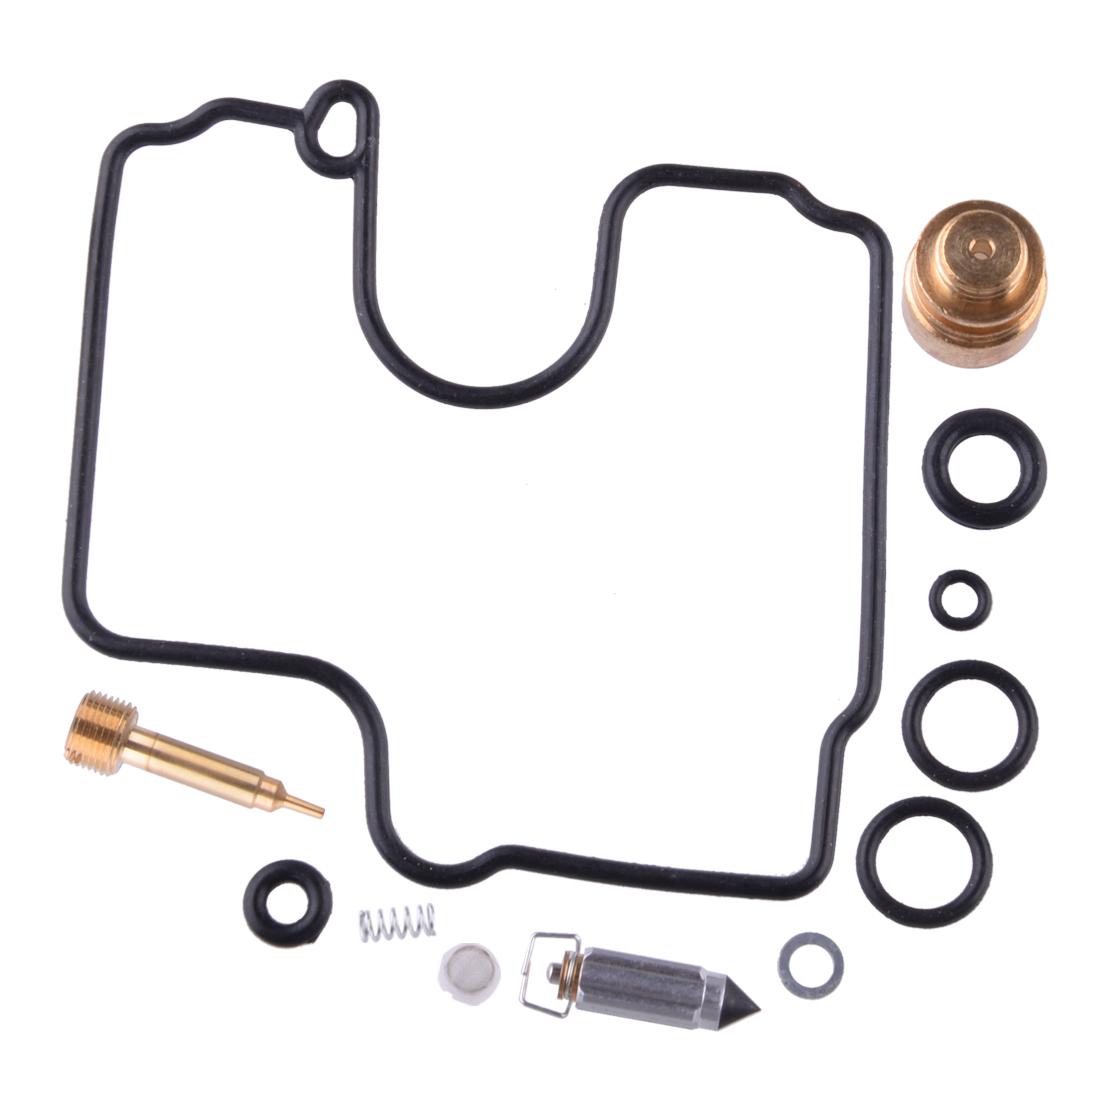 4x Carburetor Repair Kit Rebuild Set fit for Suzuki